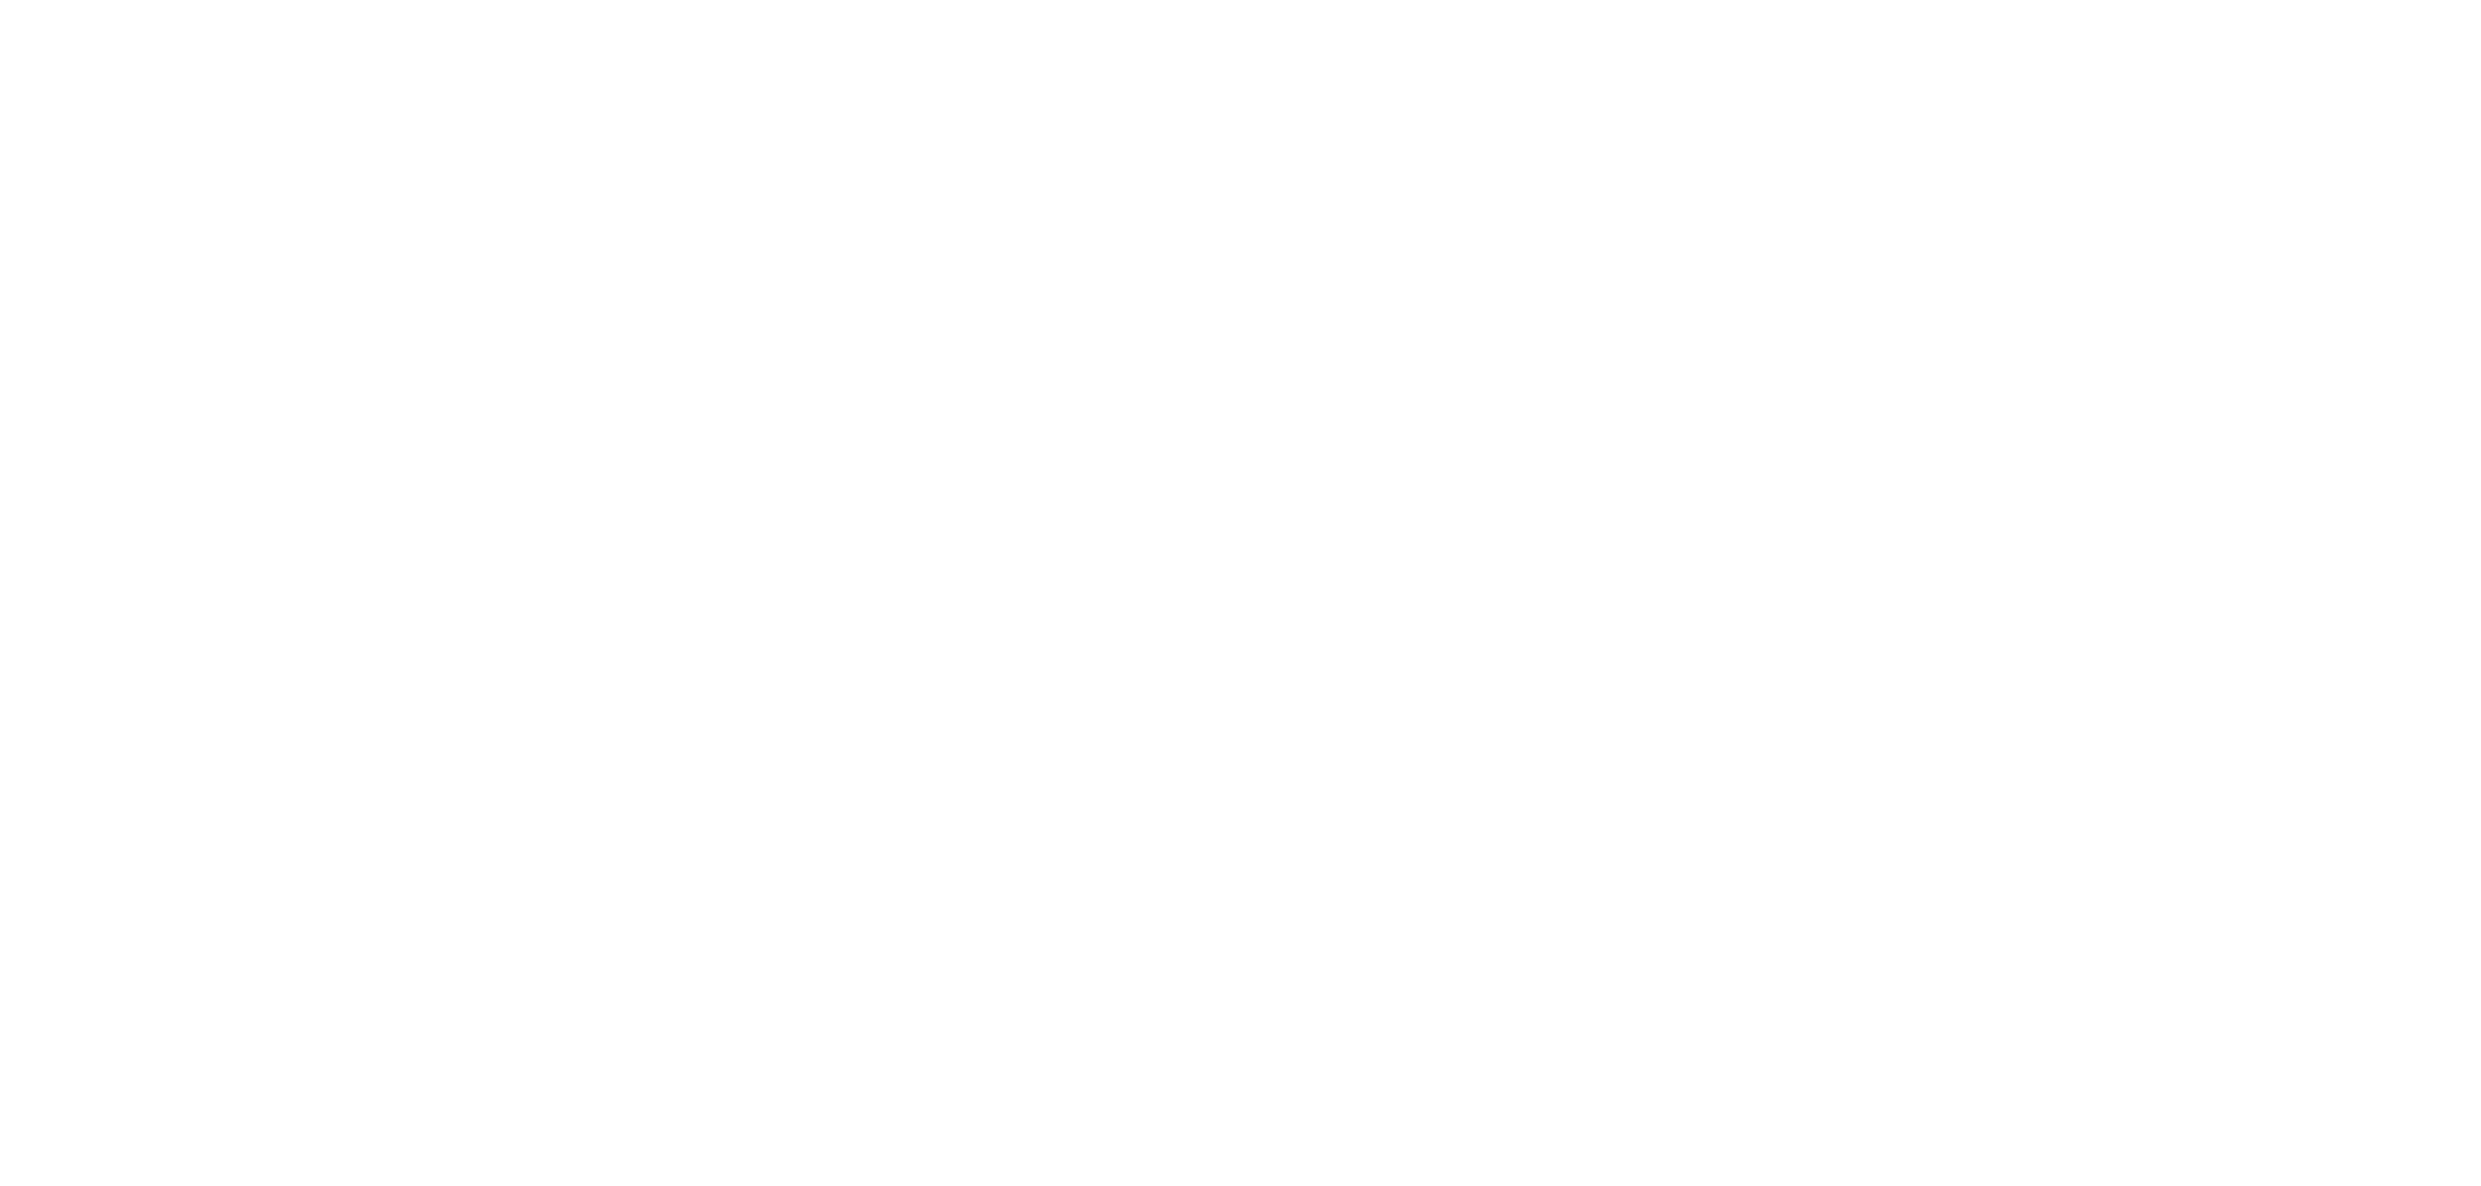 PLASVALE